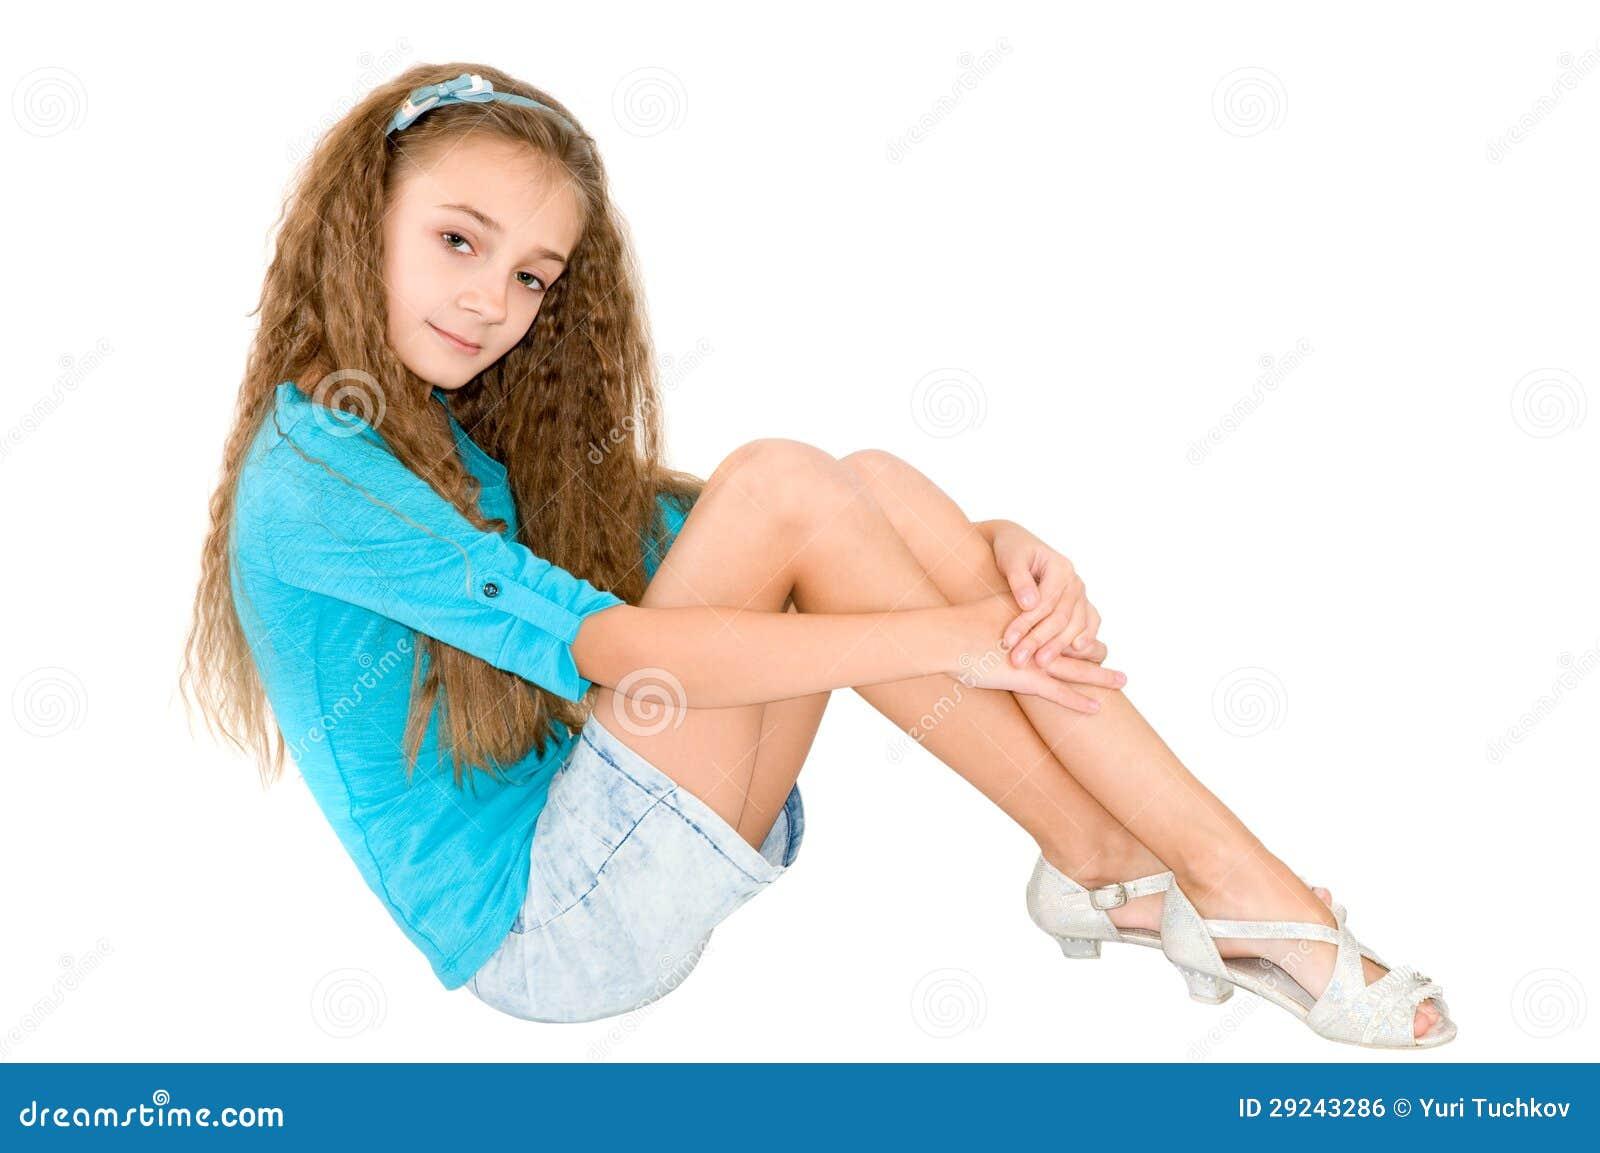 Снять девушку в ебурге 19 фотография